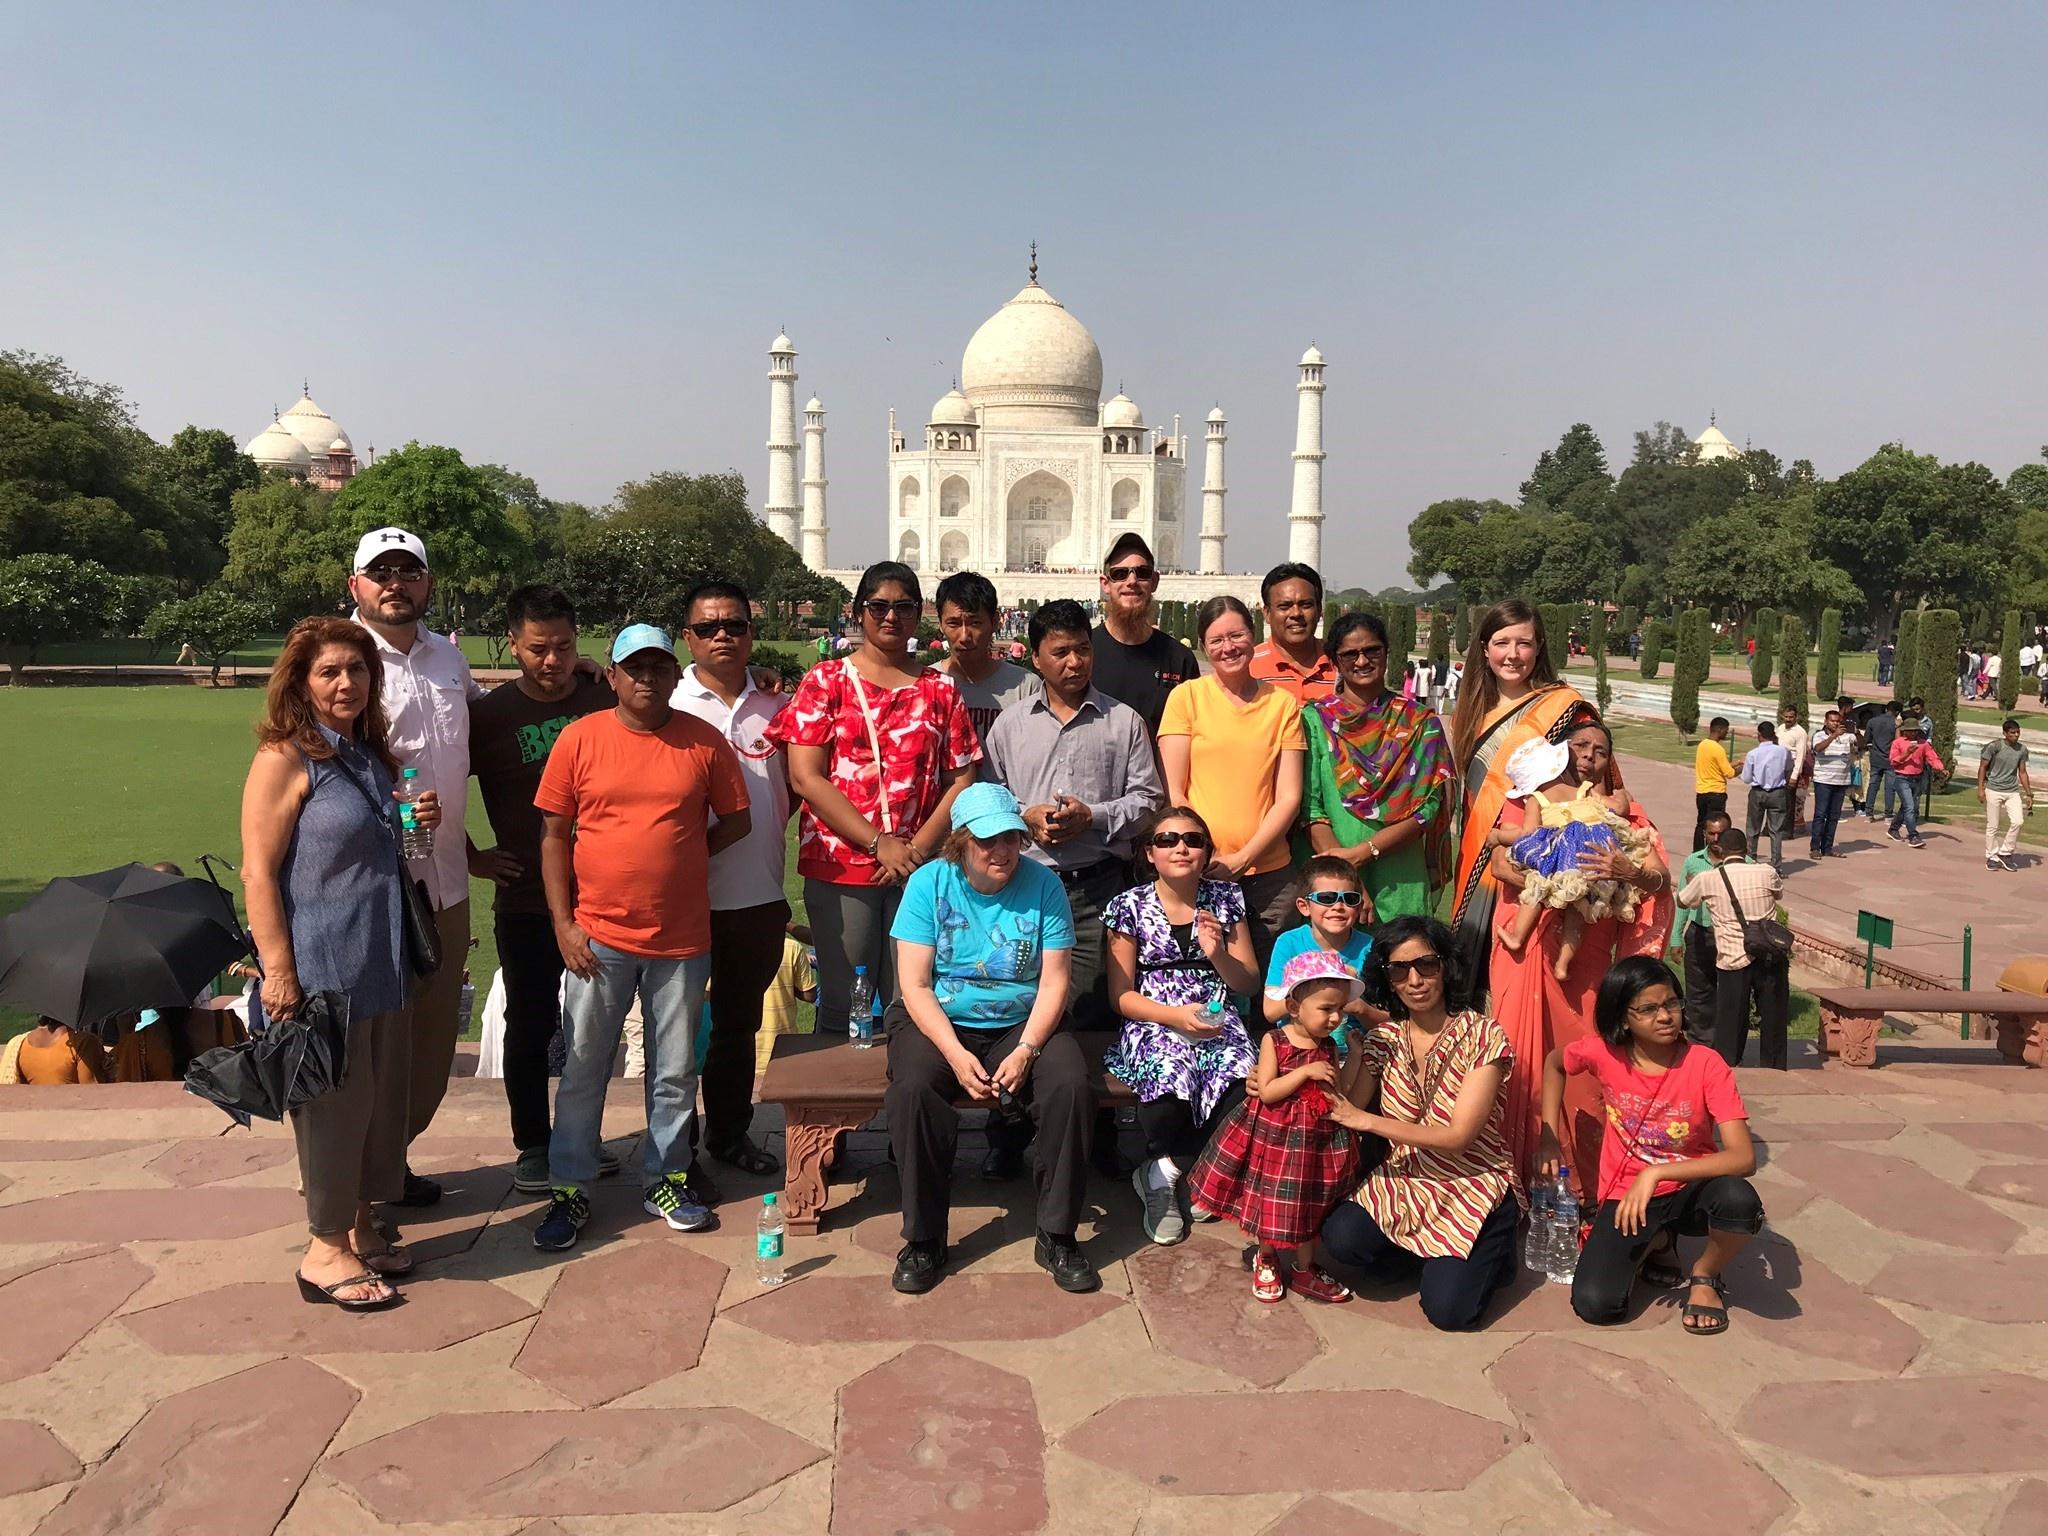 Passikudah, India